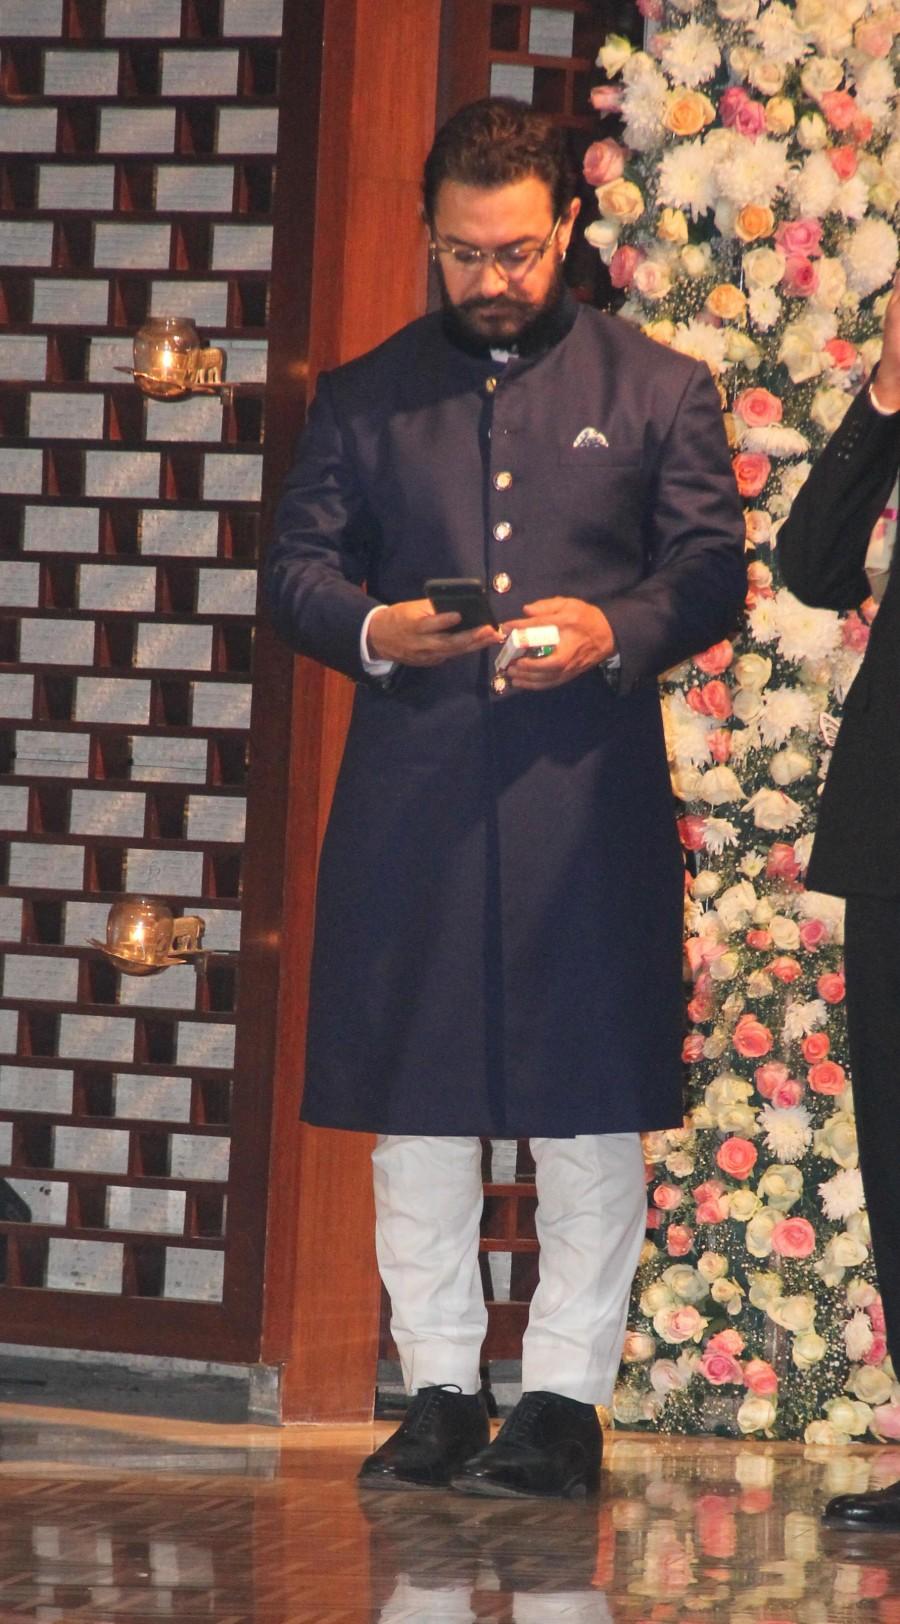 Amitabh Bachchan,Aamir Khan,Kiran Rao,Ambani,Ambani pre-wedding bash,celebs at Ambani pre-wedding bash,Ambani pre-wedding bash pics,Ambani pre-wedding bash images,Ambani pre-wedding bash photos,Aamir Khan and Kiran Rao